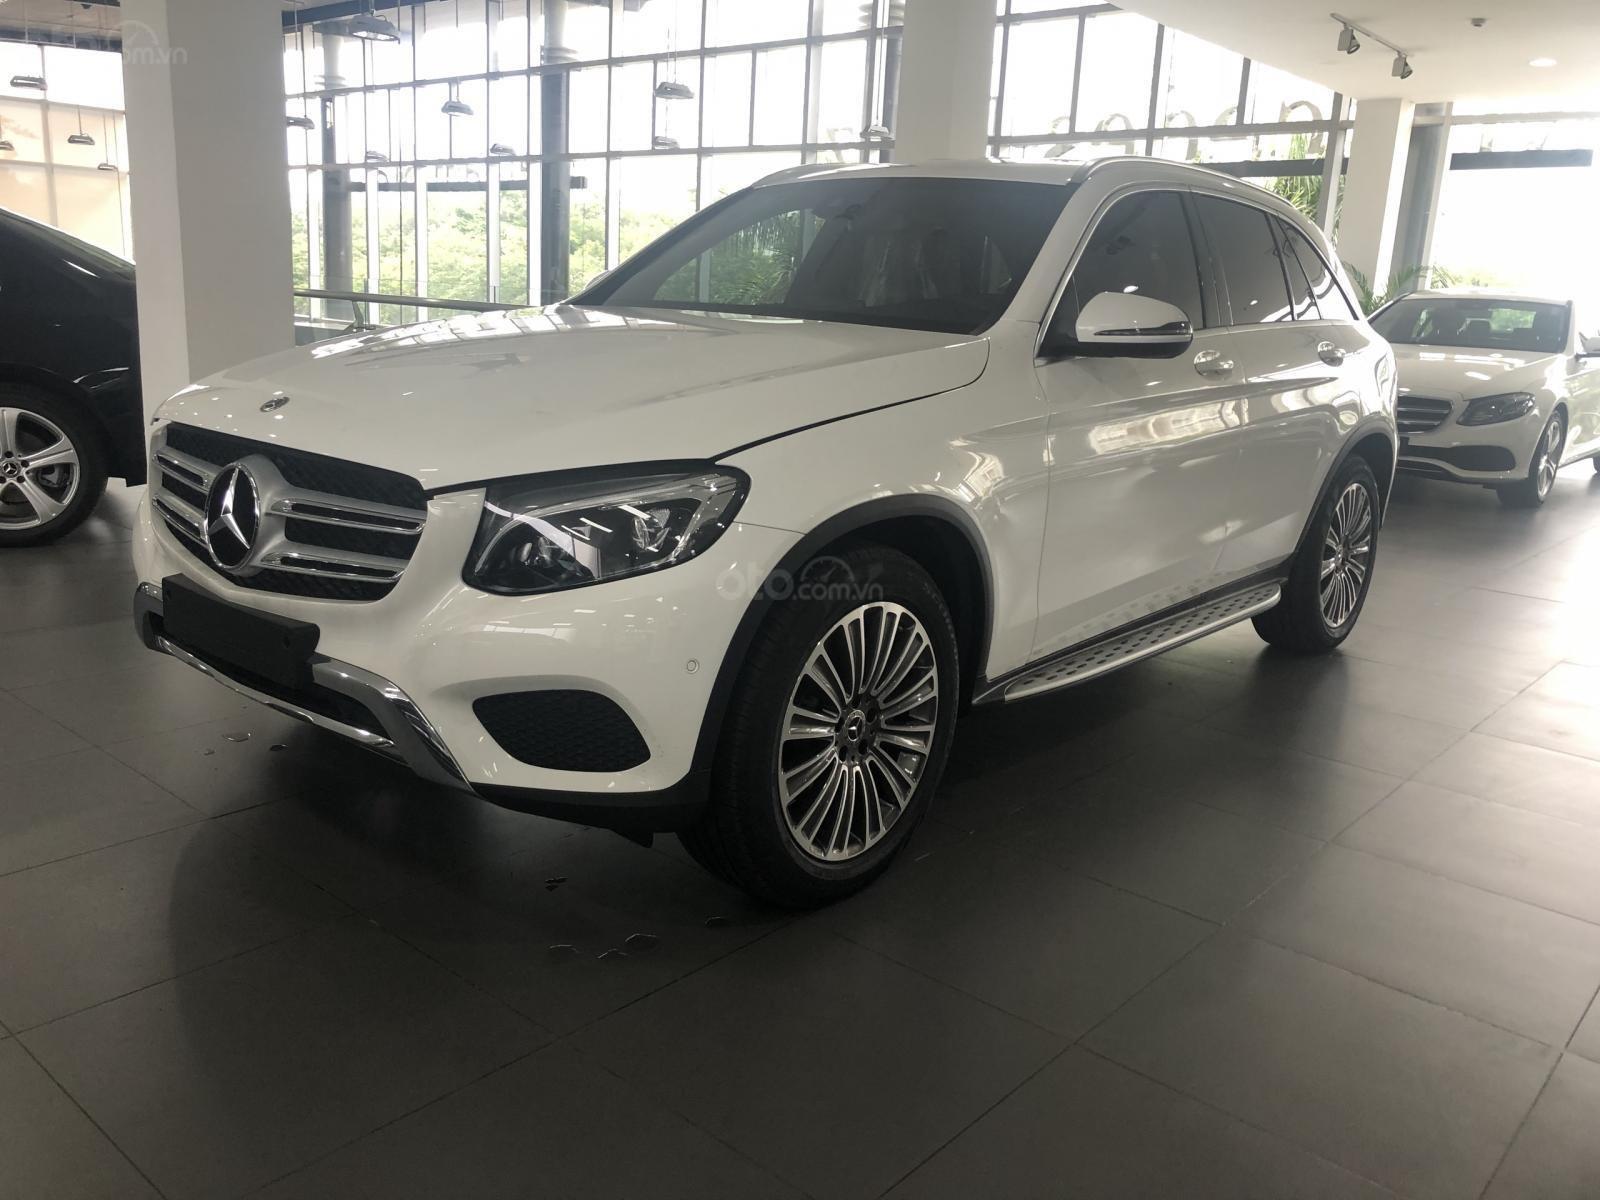 Bán Mercedes GLC250 2019 ưu đãi tốt xe giao ngay tại Mercedes Phú Mỹ Hưng (2)